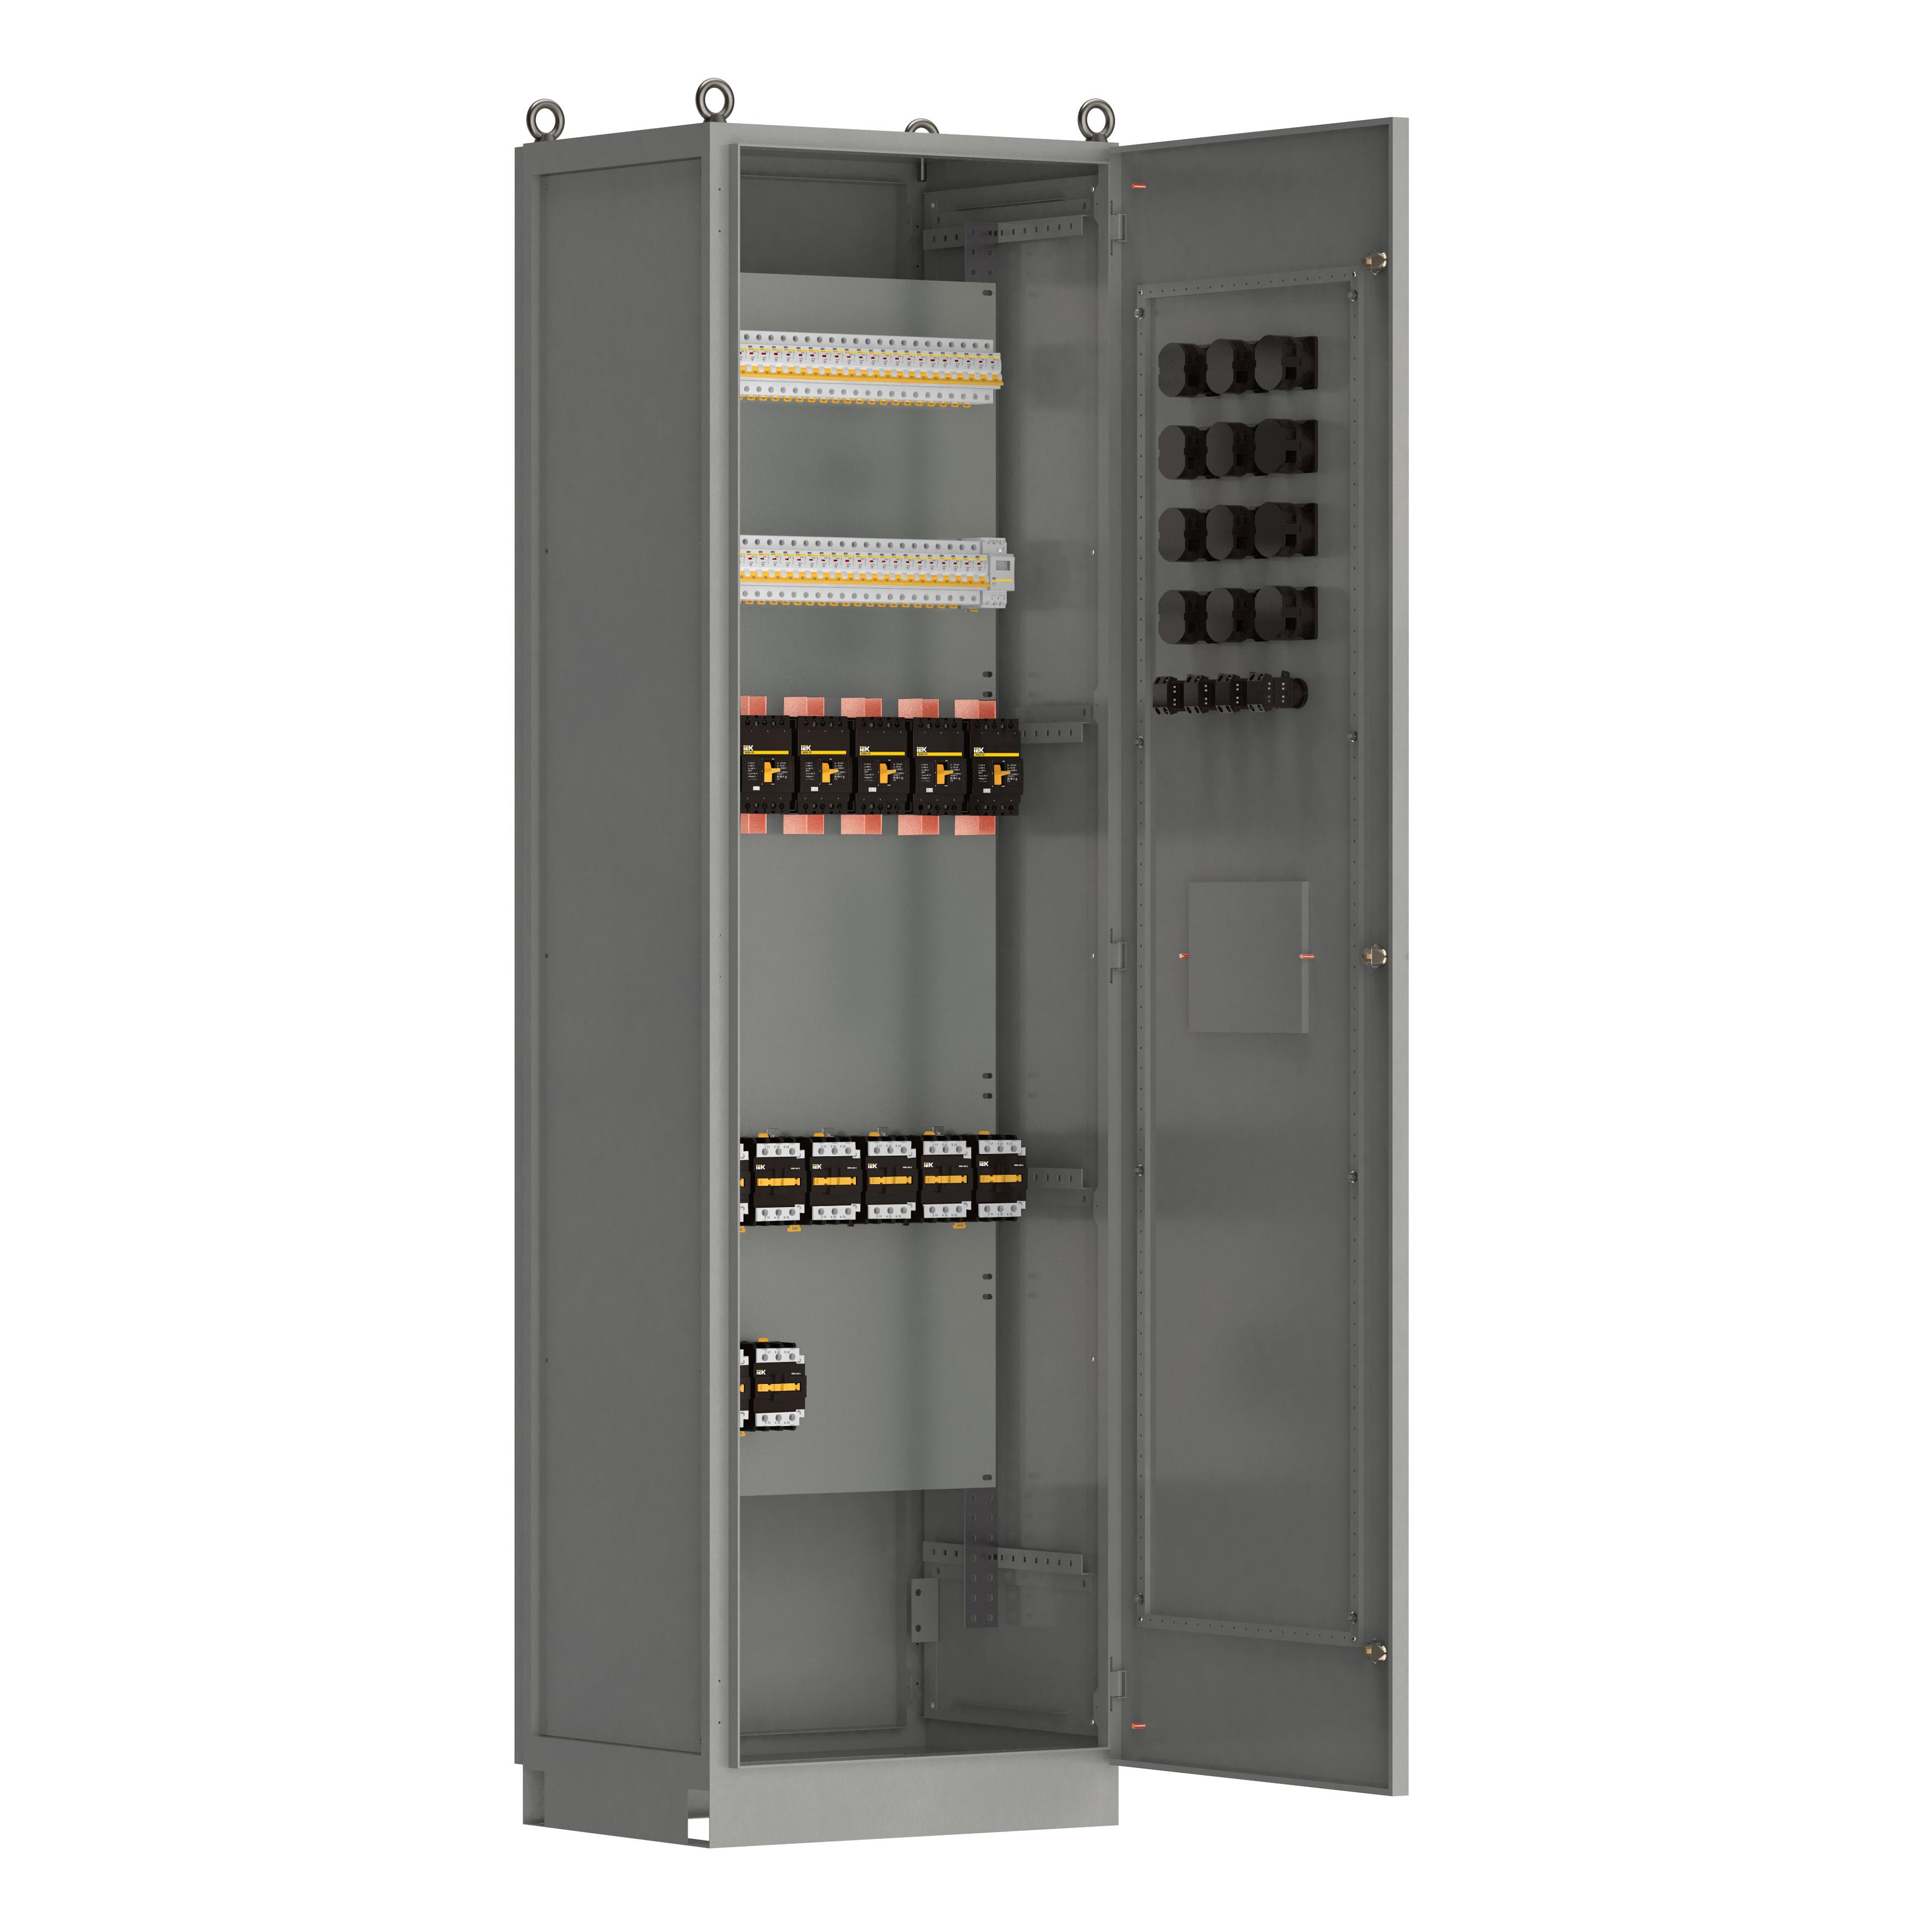 Панель распределительная ВРУ-8503 2Р-104-30 рубильник 1х250А выключатели автоматические 1Р 45х63А 3Р 4х63А IEK